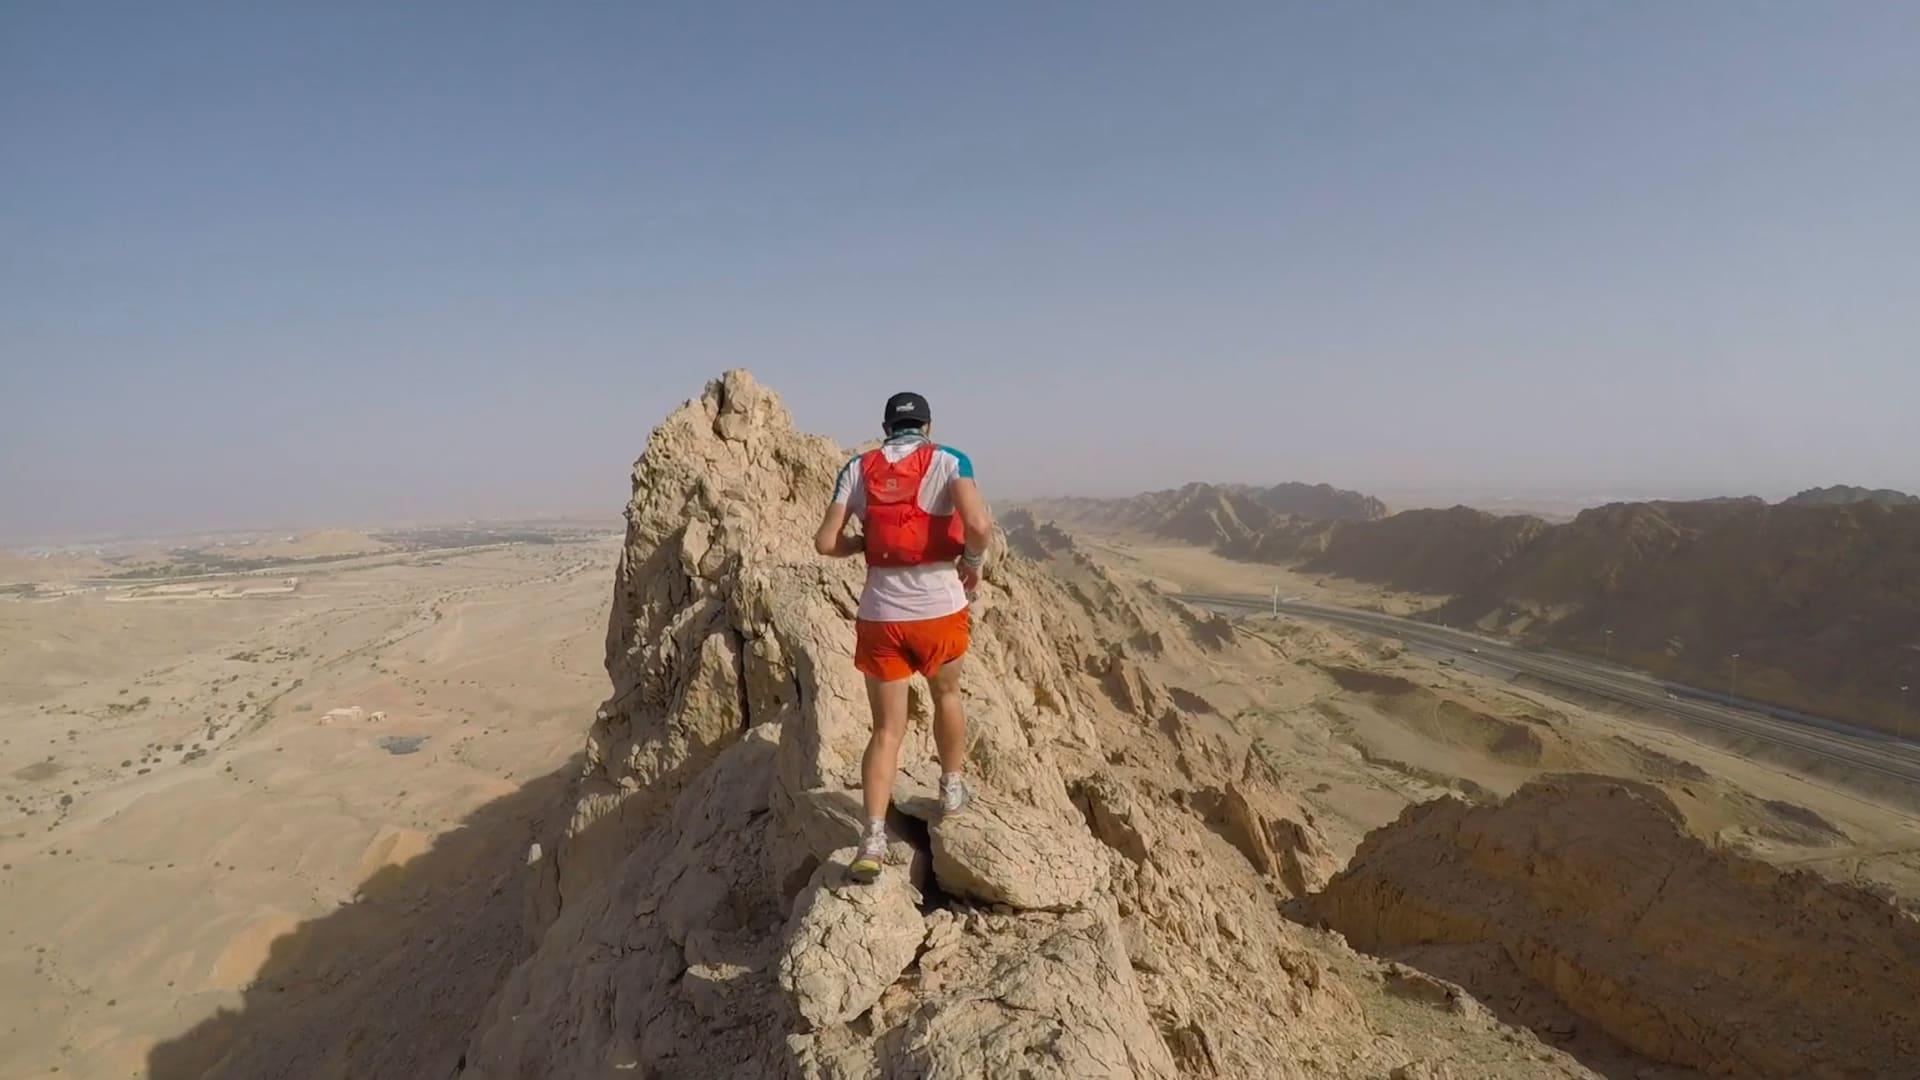 الرياضي الفرنسي، كليمنت فيجير، يجري فوق جبل حفيت في أبوظبي